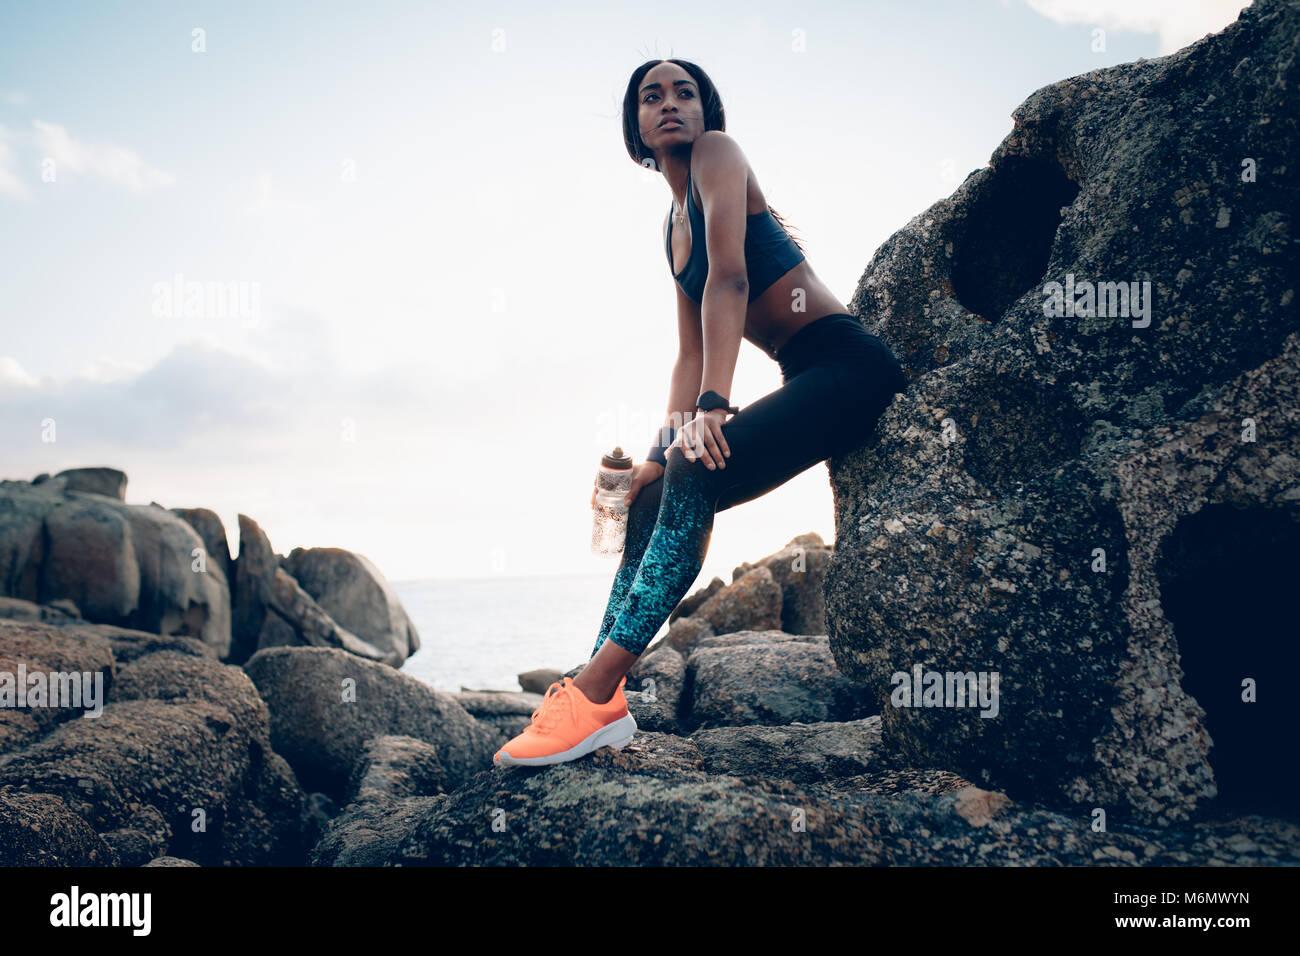 Femme africaine en bonne santé avec une bouteille d'eau assis sur un rocher. Femme se détendre après Photo Stock